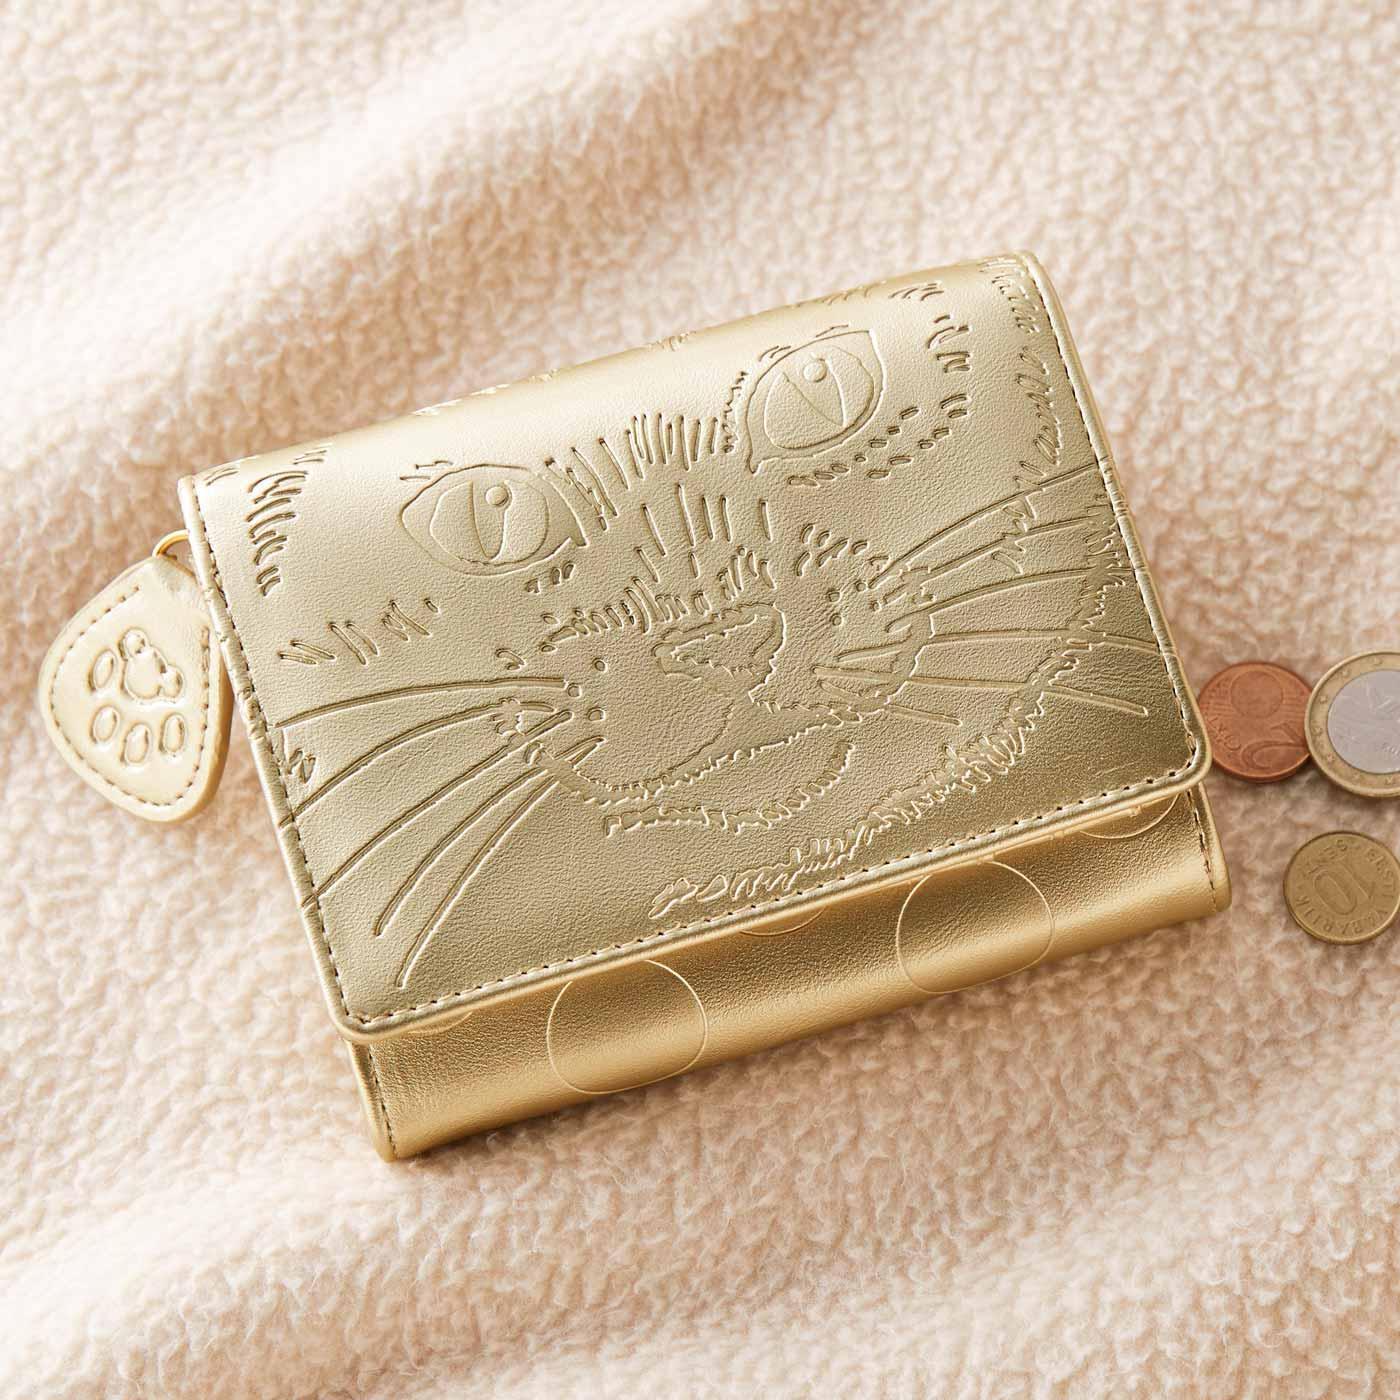 シロップ. にゃーんと運気も急上昇? 三つ折ゴールドねこ財布